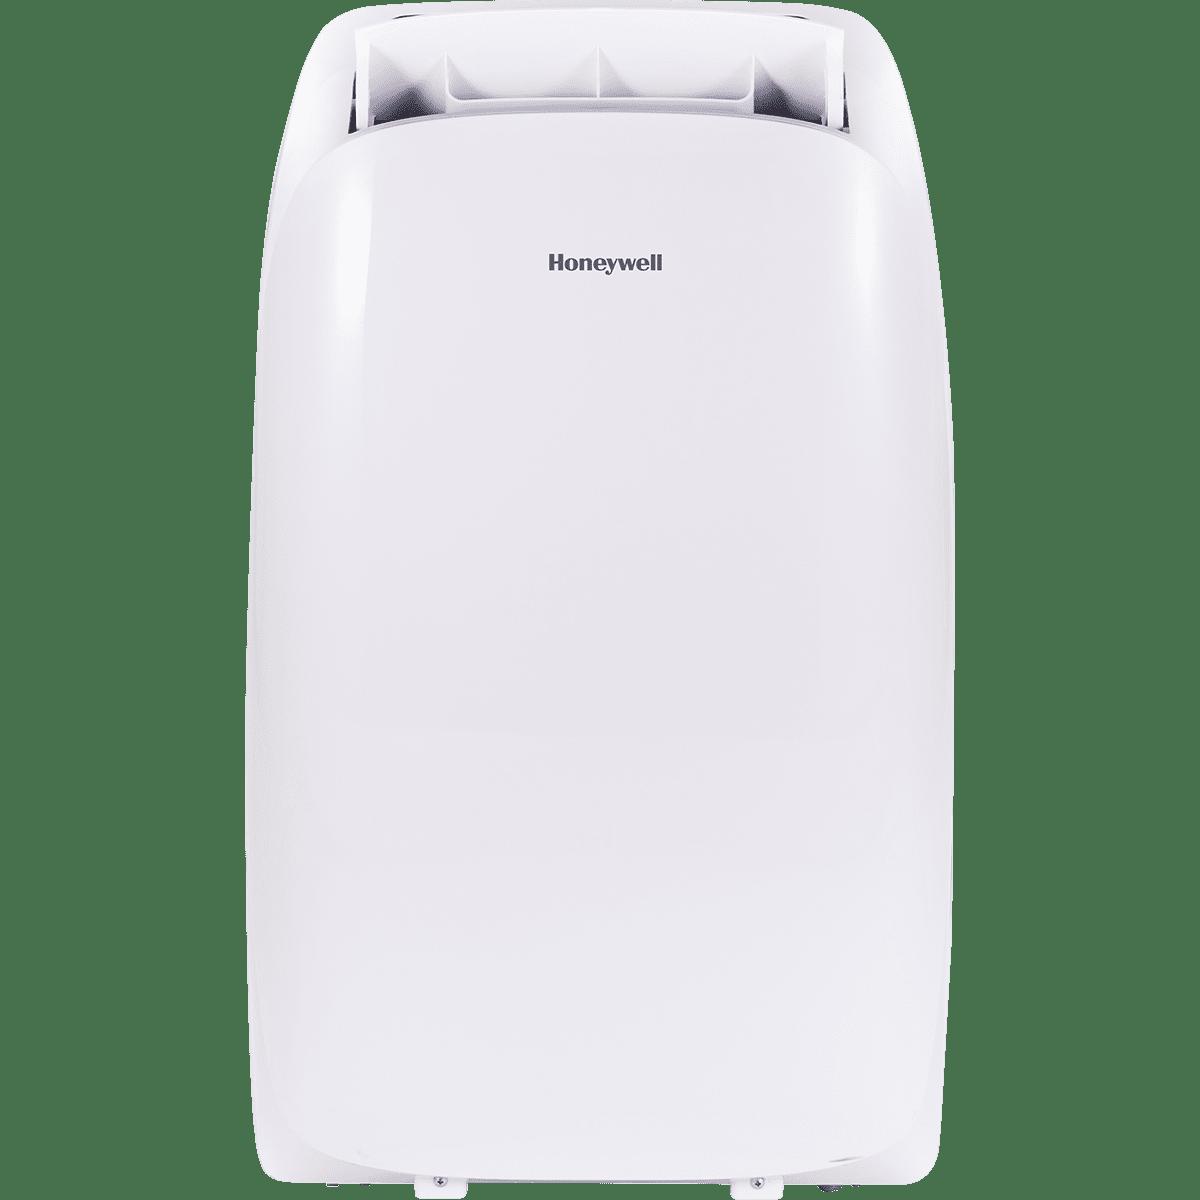 Honeywell HL14CES 14,000 BTU Portable Air Conditioner